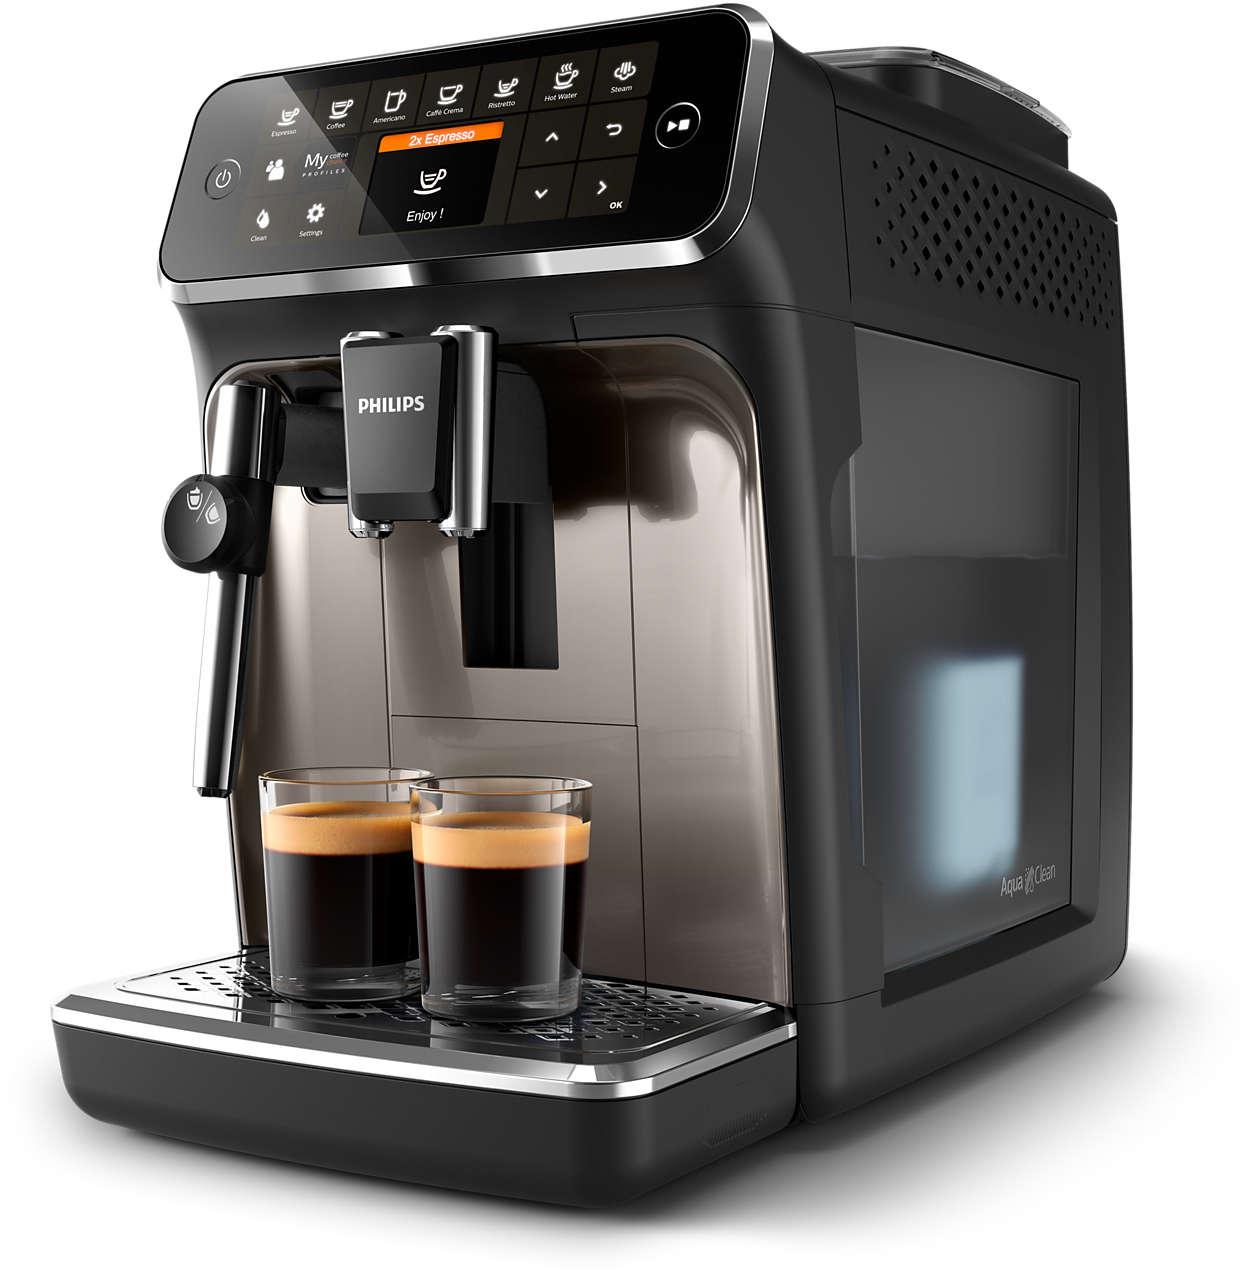 5 finom kávéváltozat friss kávészemekből – egyszerűen